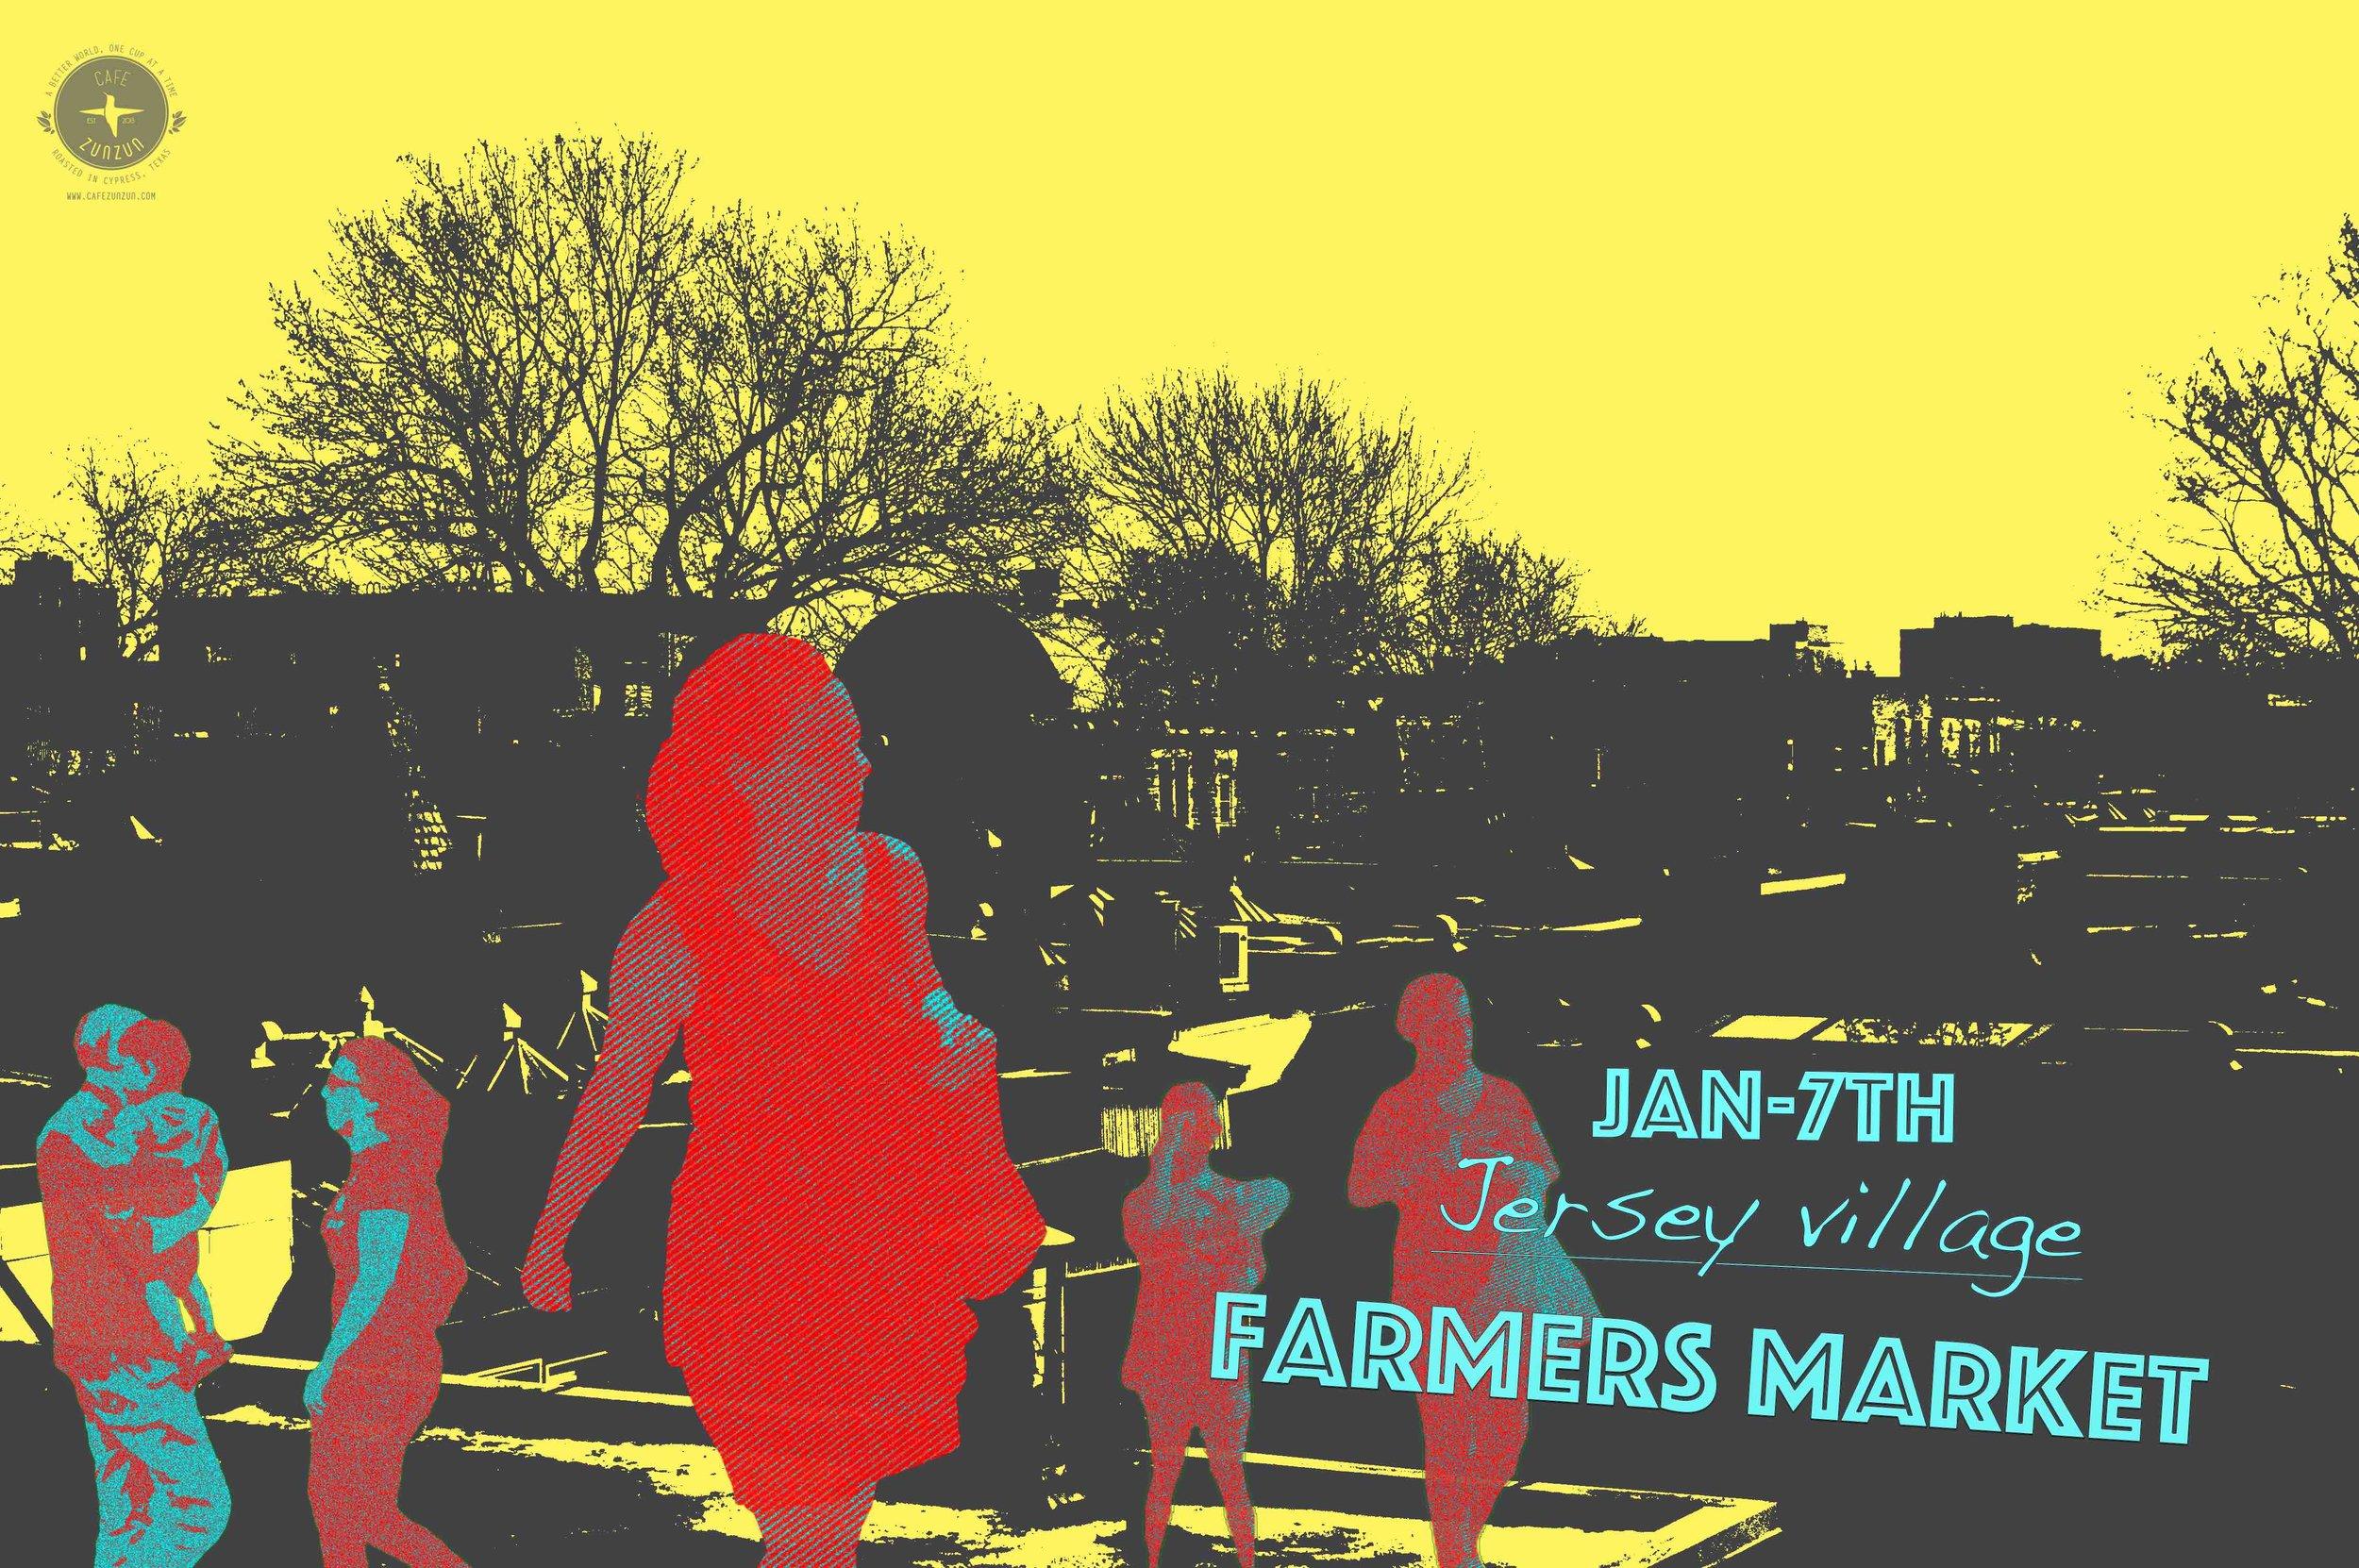 JERSEY VILLAGE FARMERS MARKET JAN:07:18.jpg